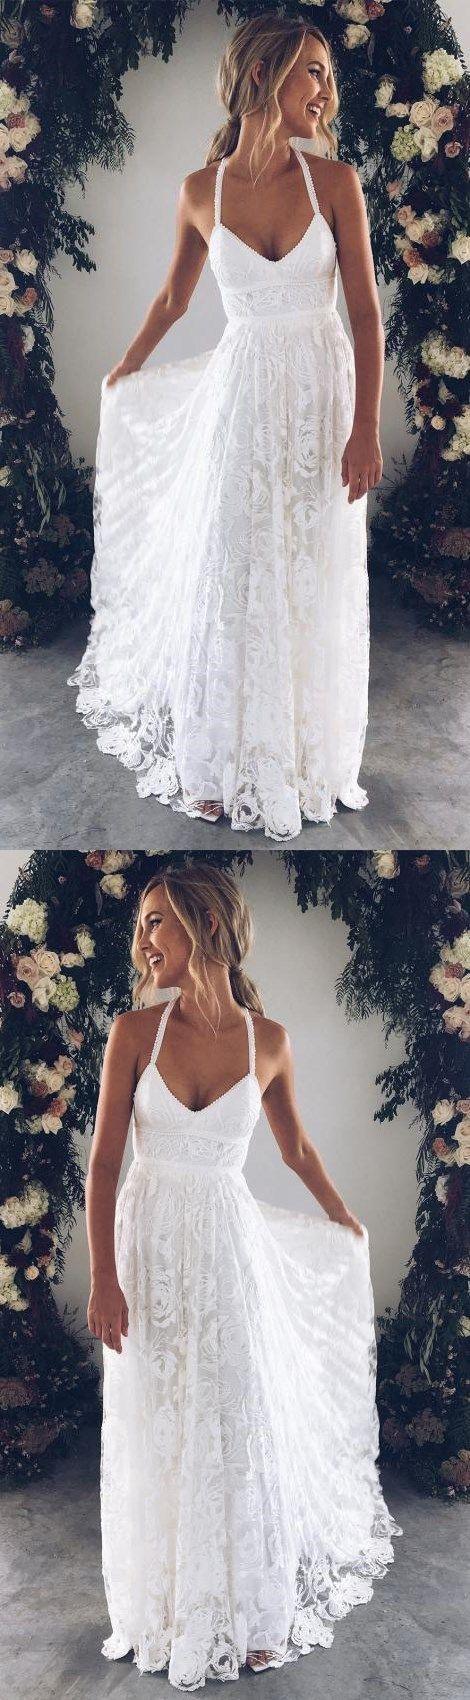 13 Schön Langes Abendkleid Weiß Boutique Elegant Langes Abendkleid Weiß Bester Preis